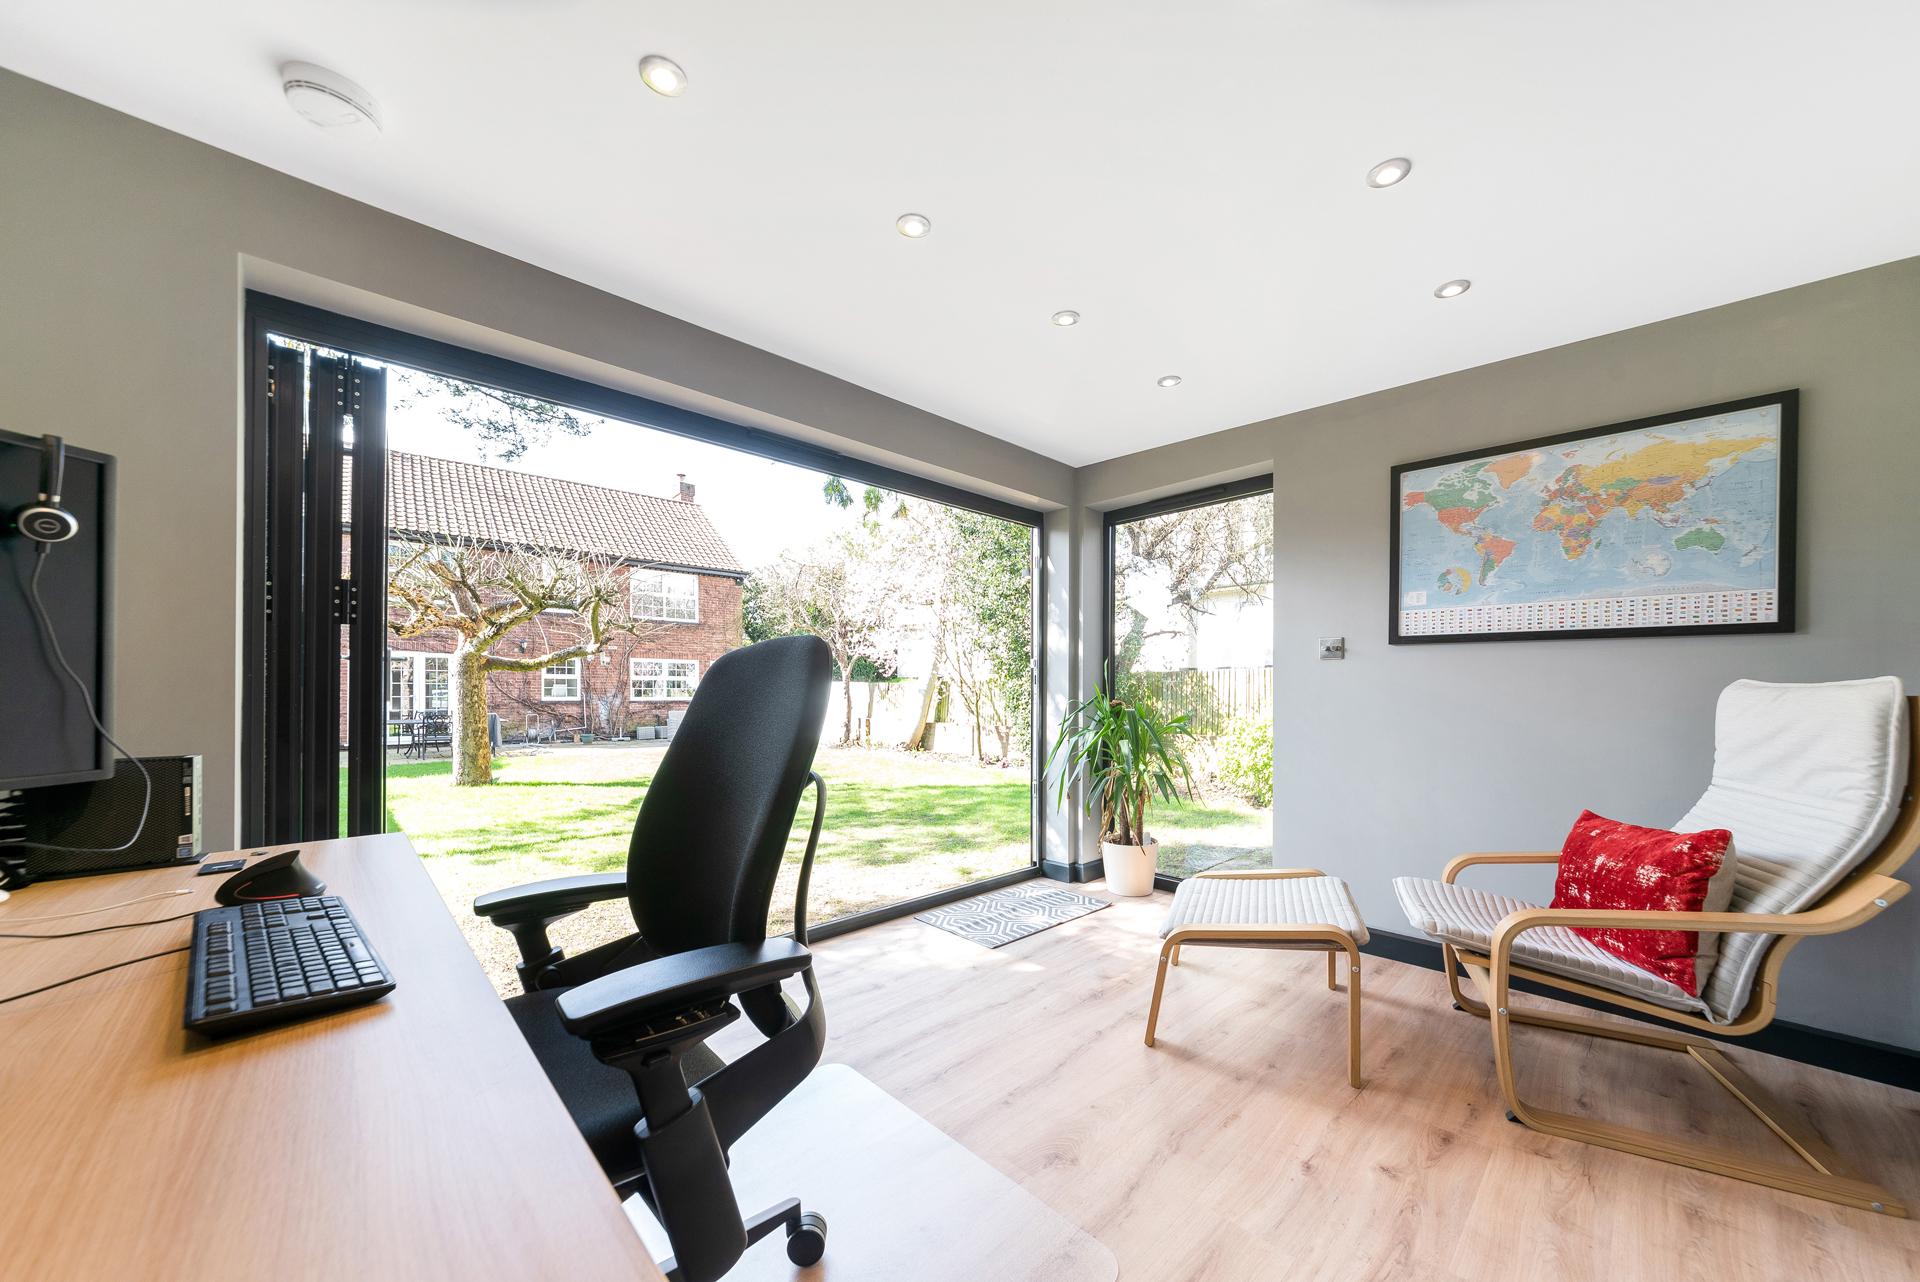 Contemporary garden rooms Essex